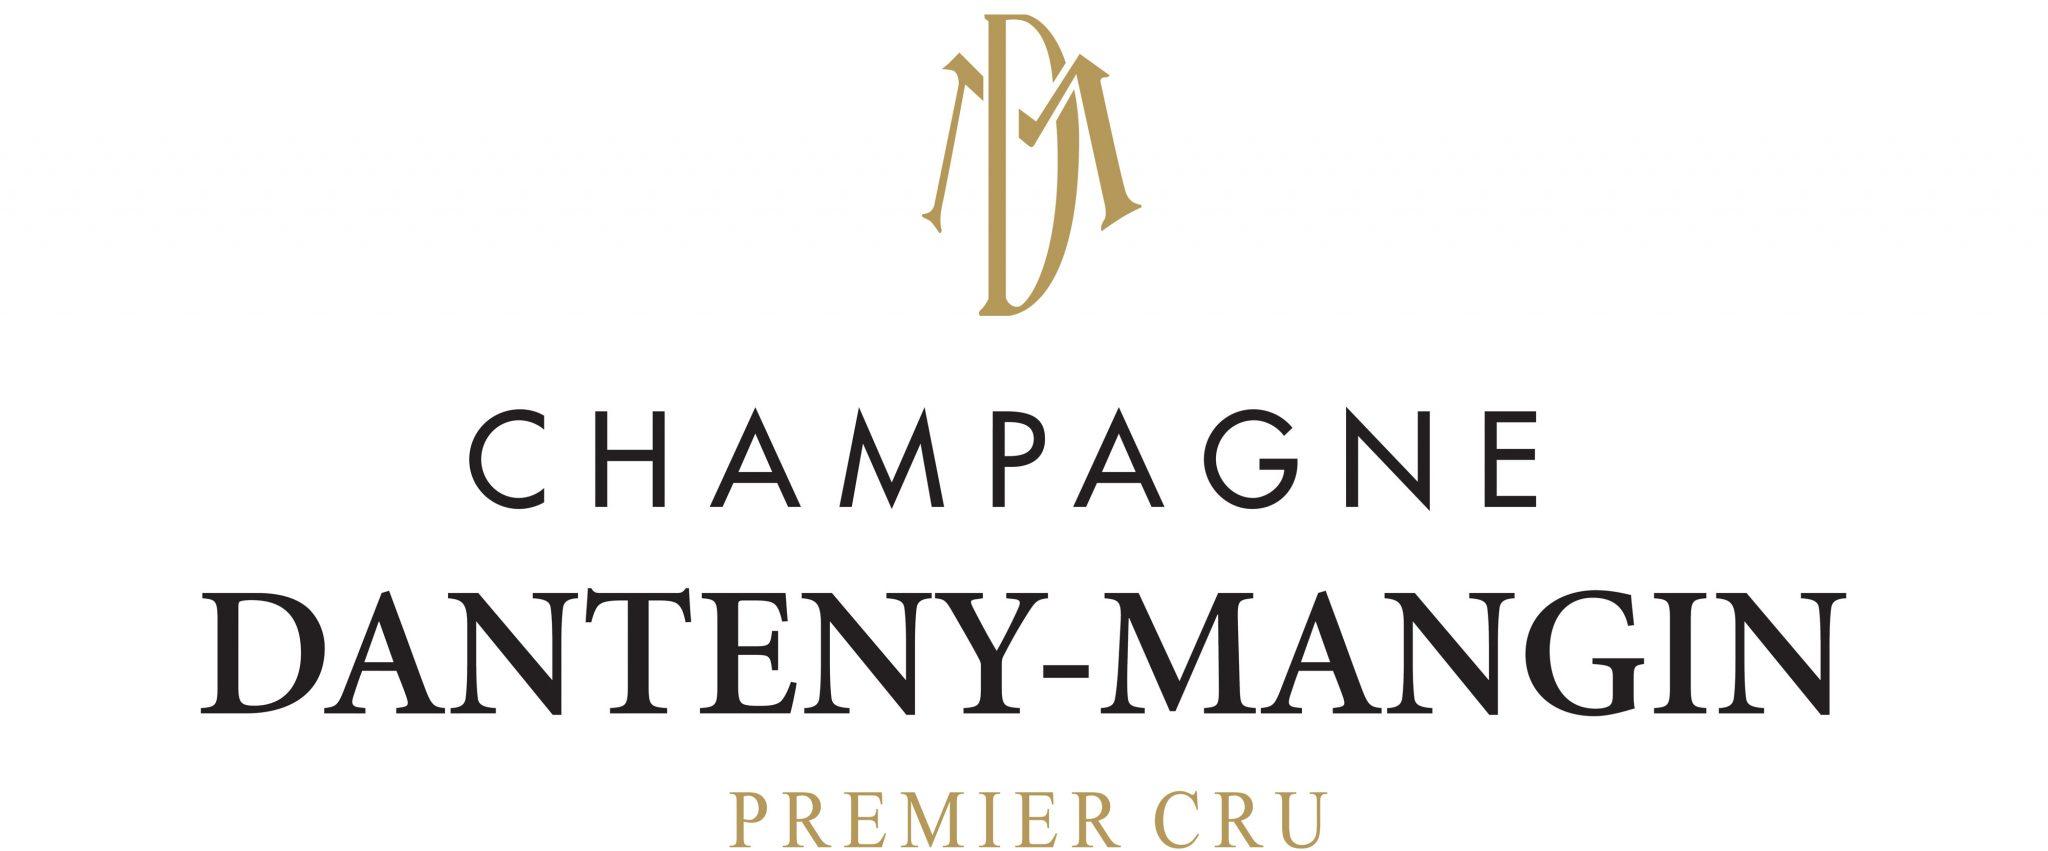 Champagne Danteny Mangin